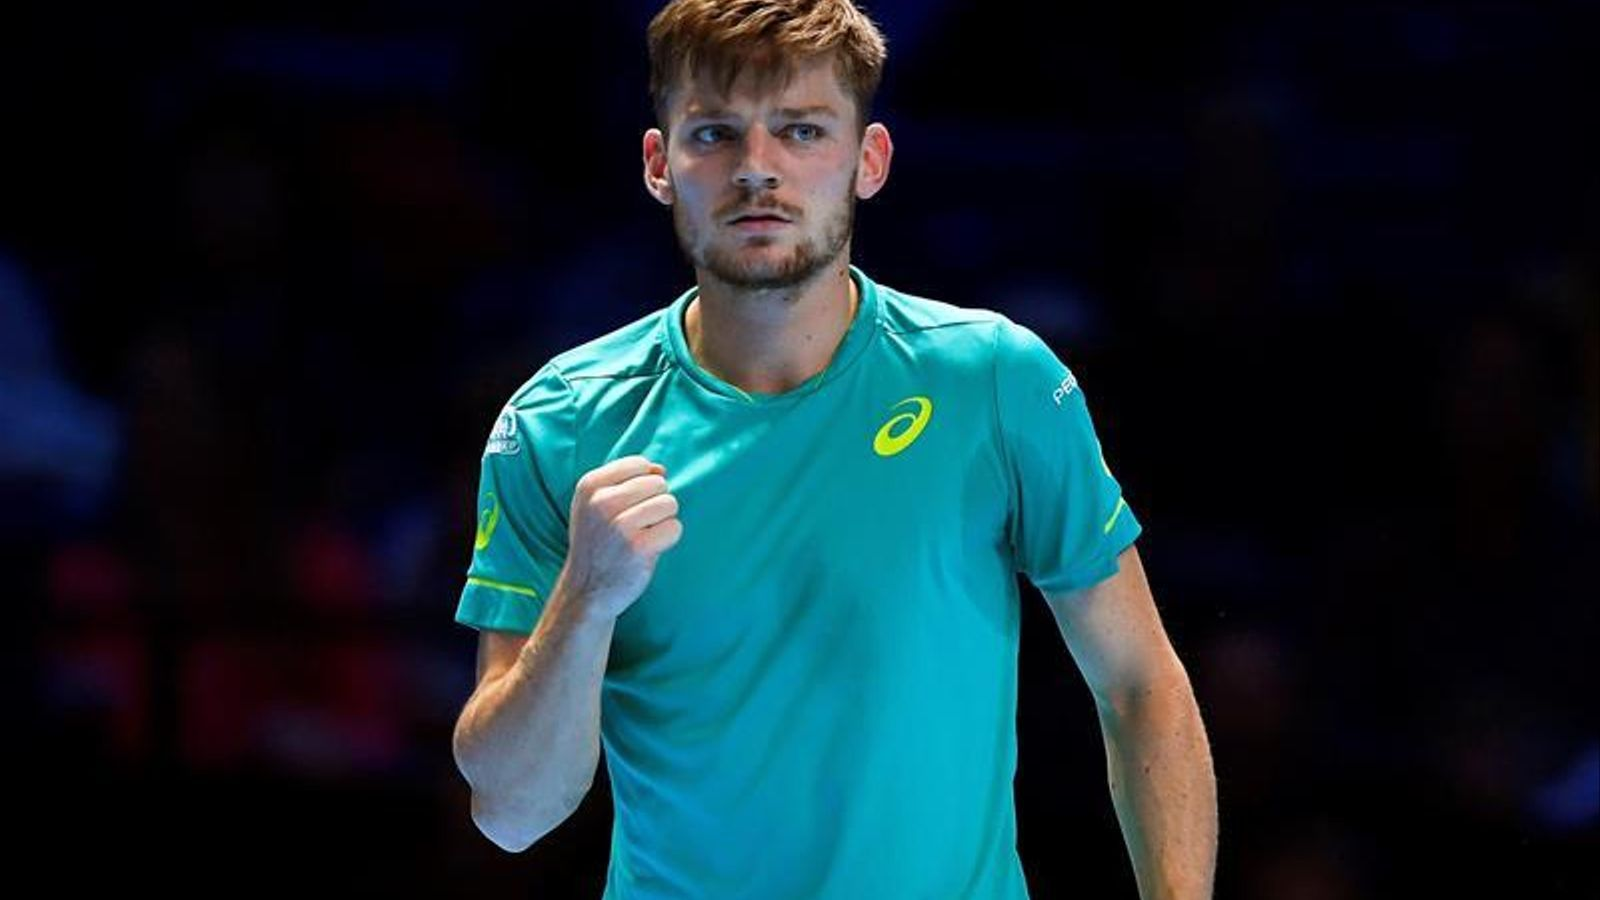 Goffin arriba a les semifinals del Masters per primer cop, on serà rival de Dimitrov